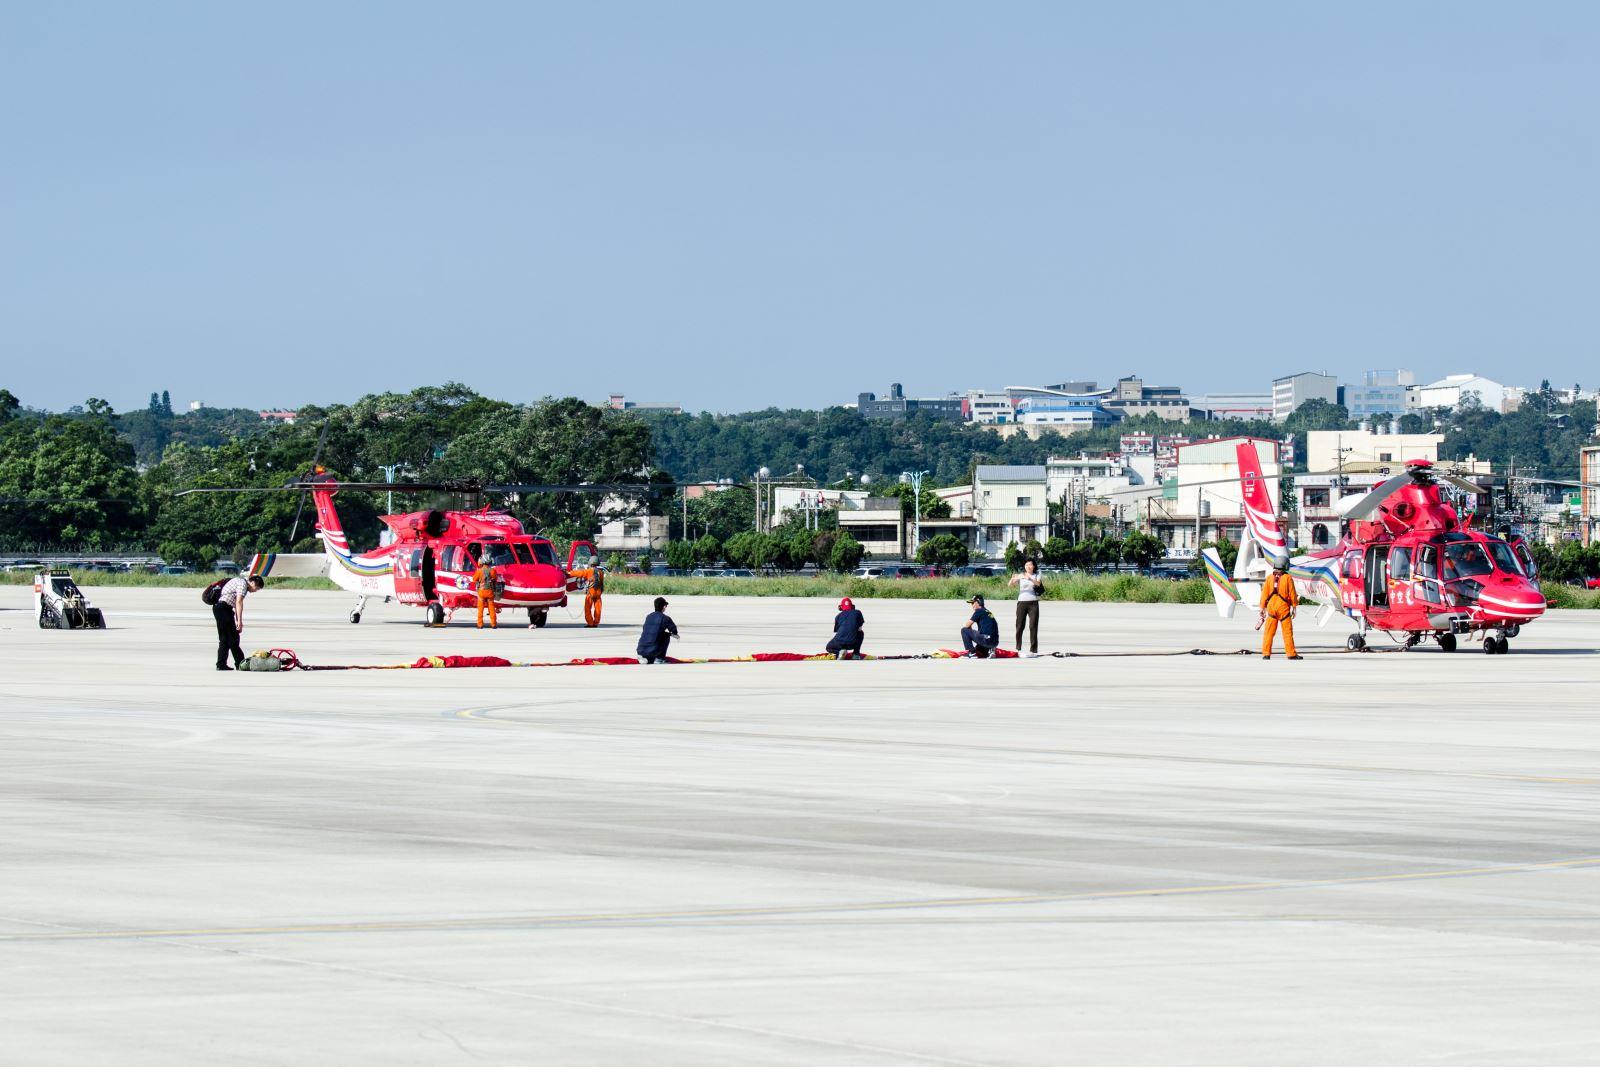 空勤總隊直升機吊掛巨幅國旗及「風雨英雄」旗幟及各式救災設備